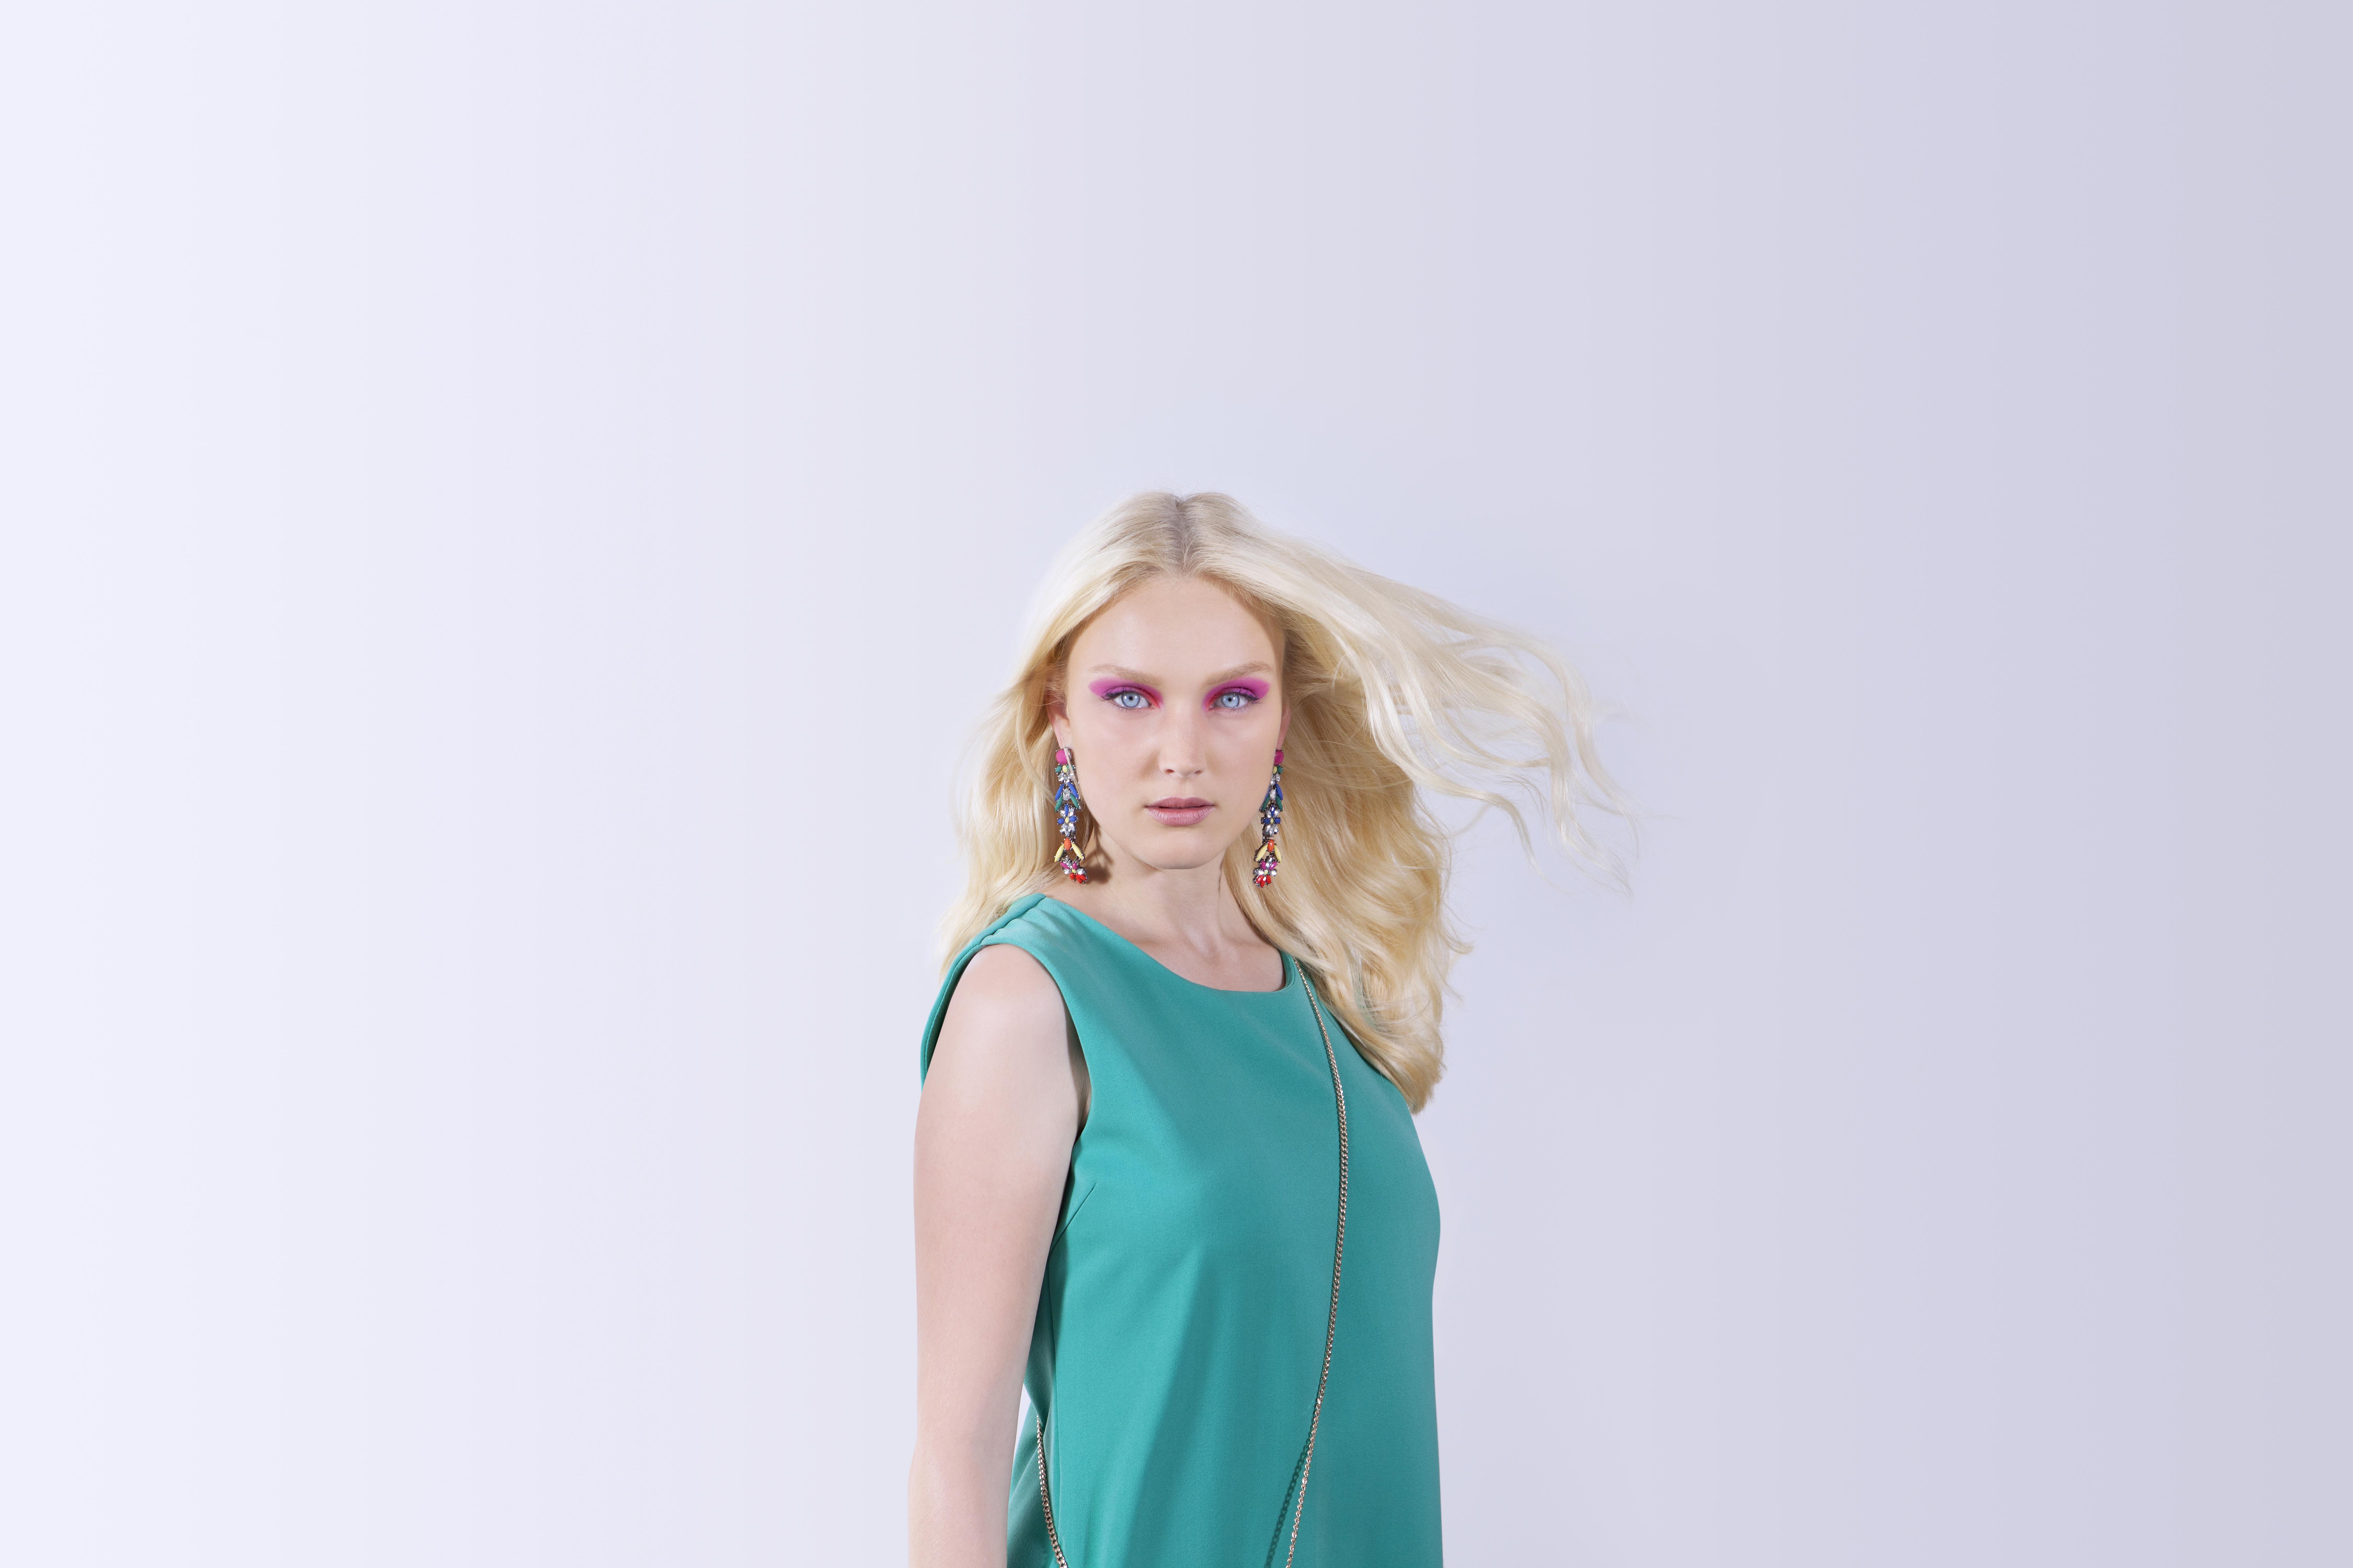 Model in Green